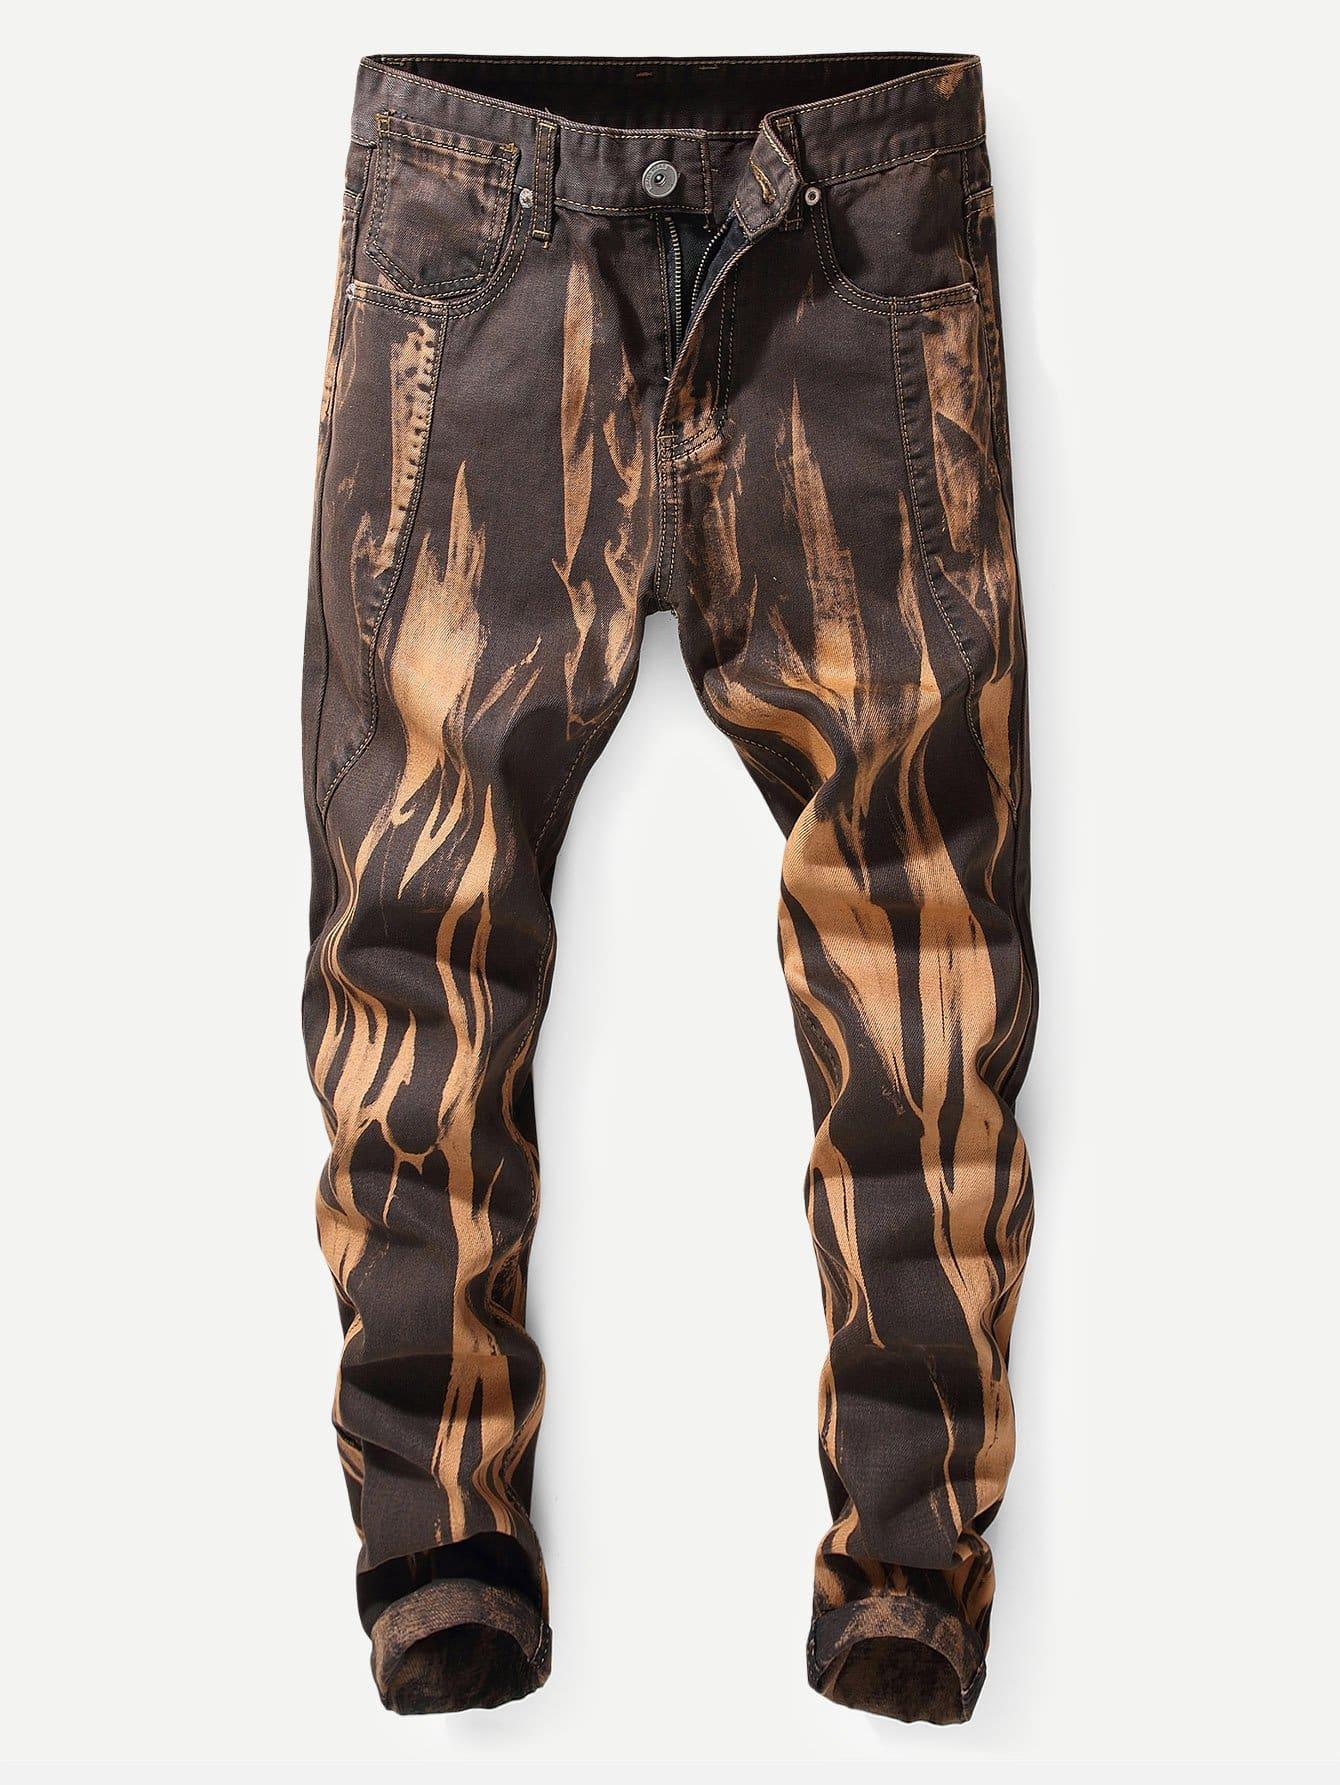 Купить Облегающие джинсы и рольный подол для мужчины, null, SheIn